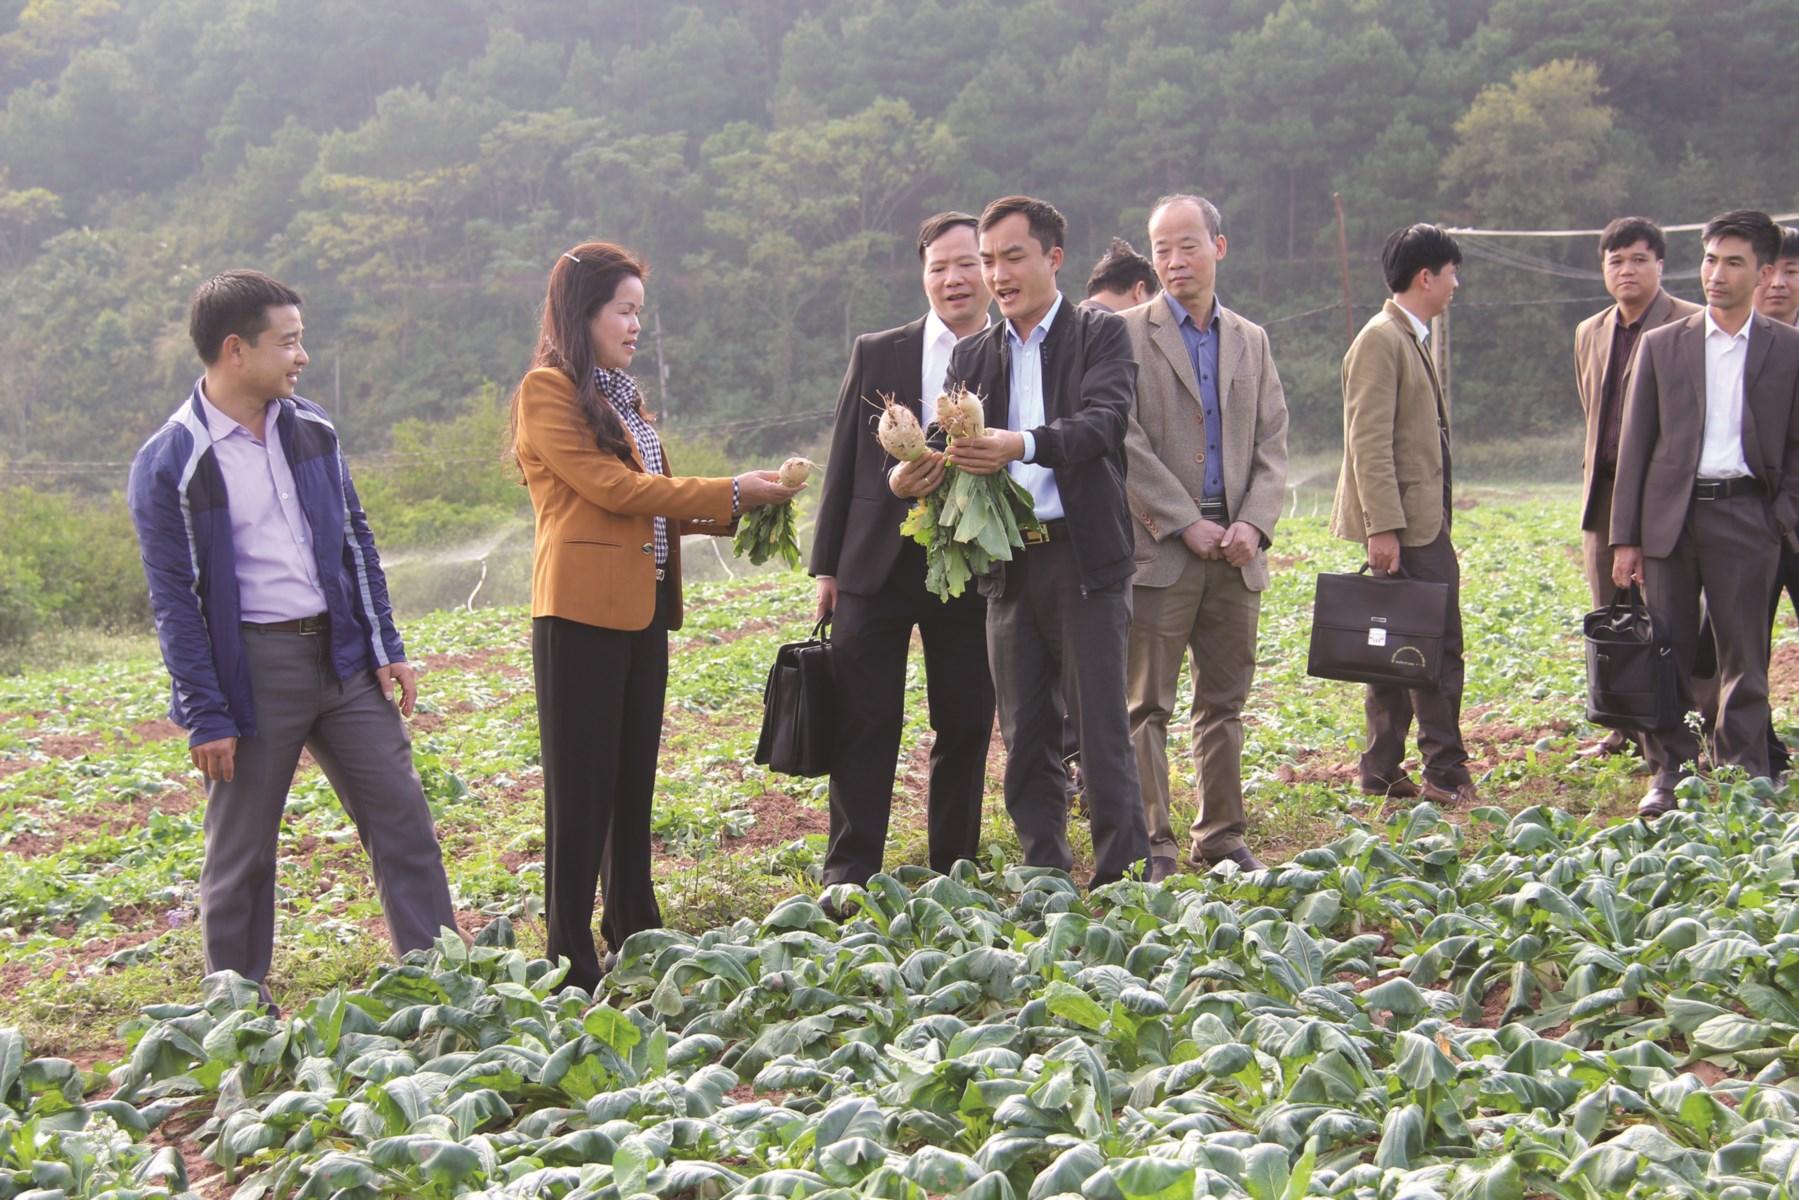 Đoàn cán bộ thăm quan mô hình rau sạch tại thôn Bắc Nga, xã Gia Cát, huyện Cao Lộc.